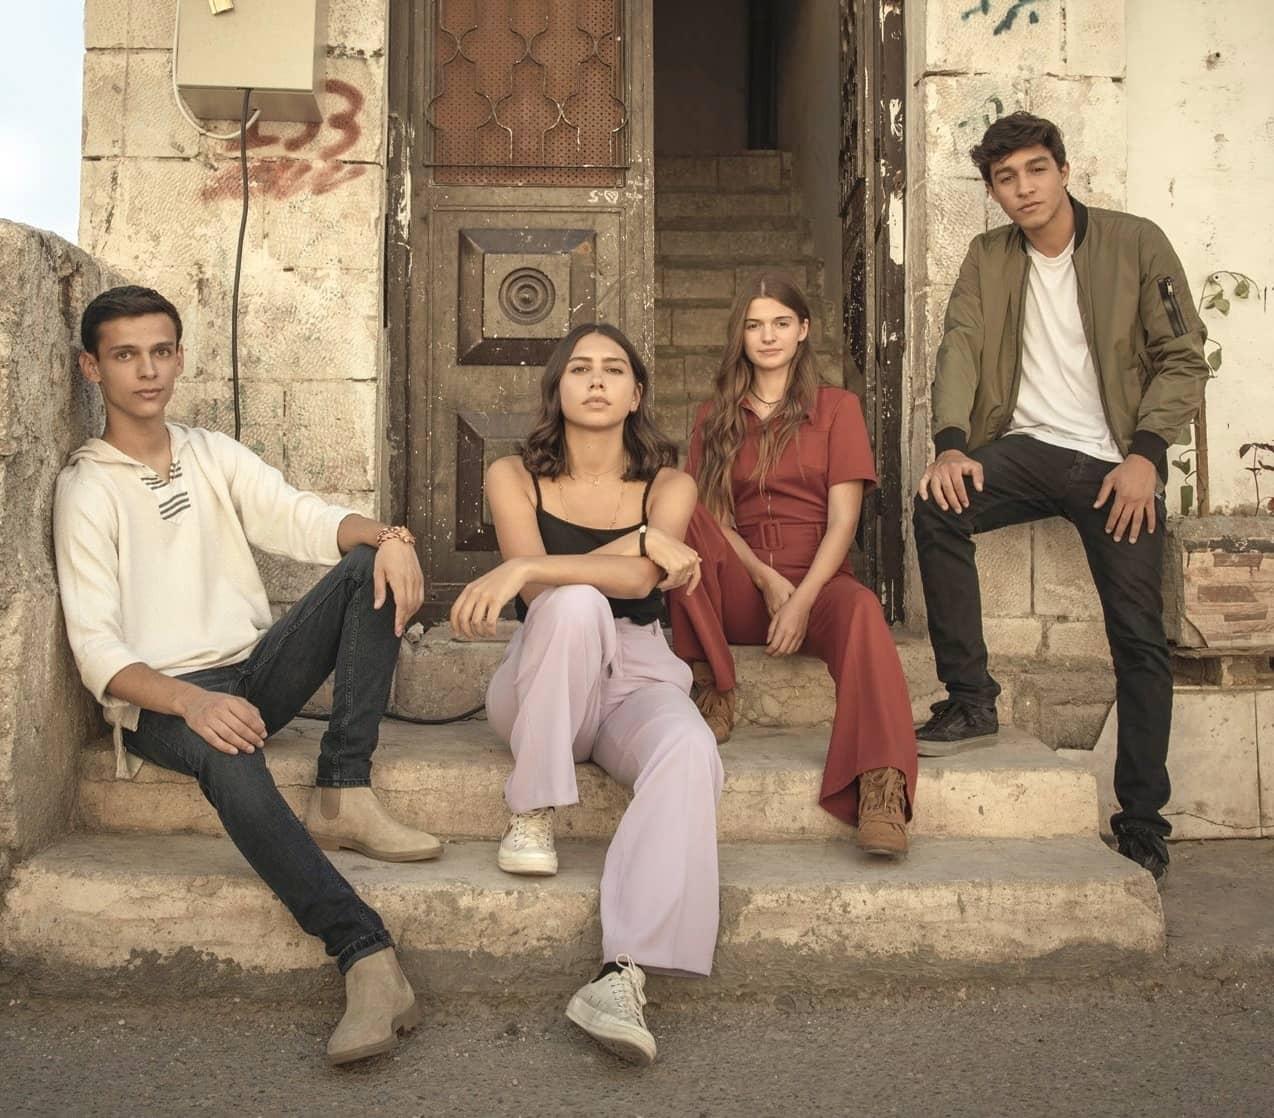 Inside Netflix's First Arabic Original Series